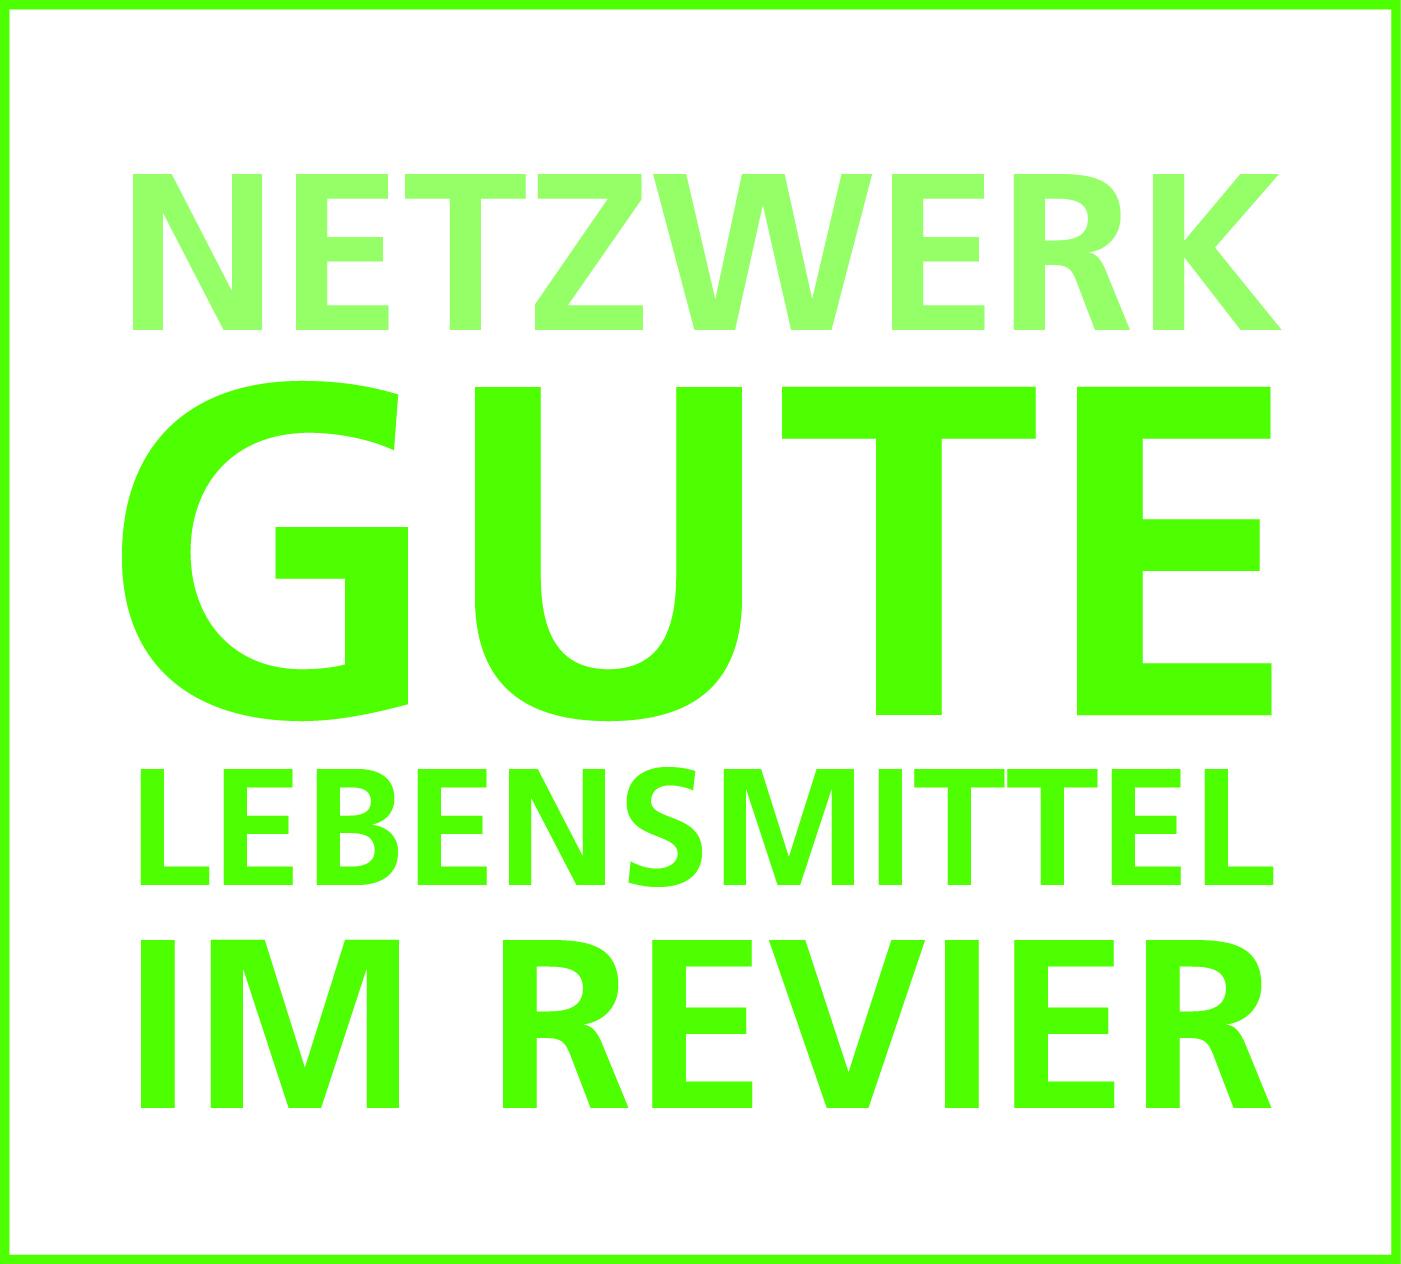 Slow-Food-Essen-Arbeitskreis-Netzwerk-Gute-Lebensittel-im-Revier